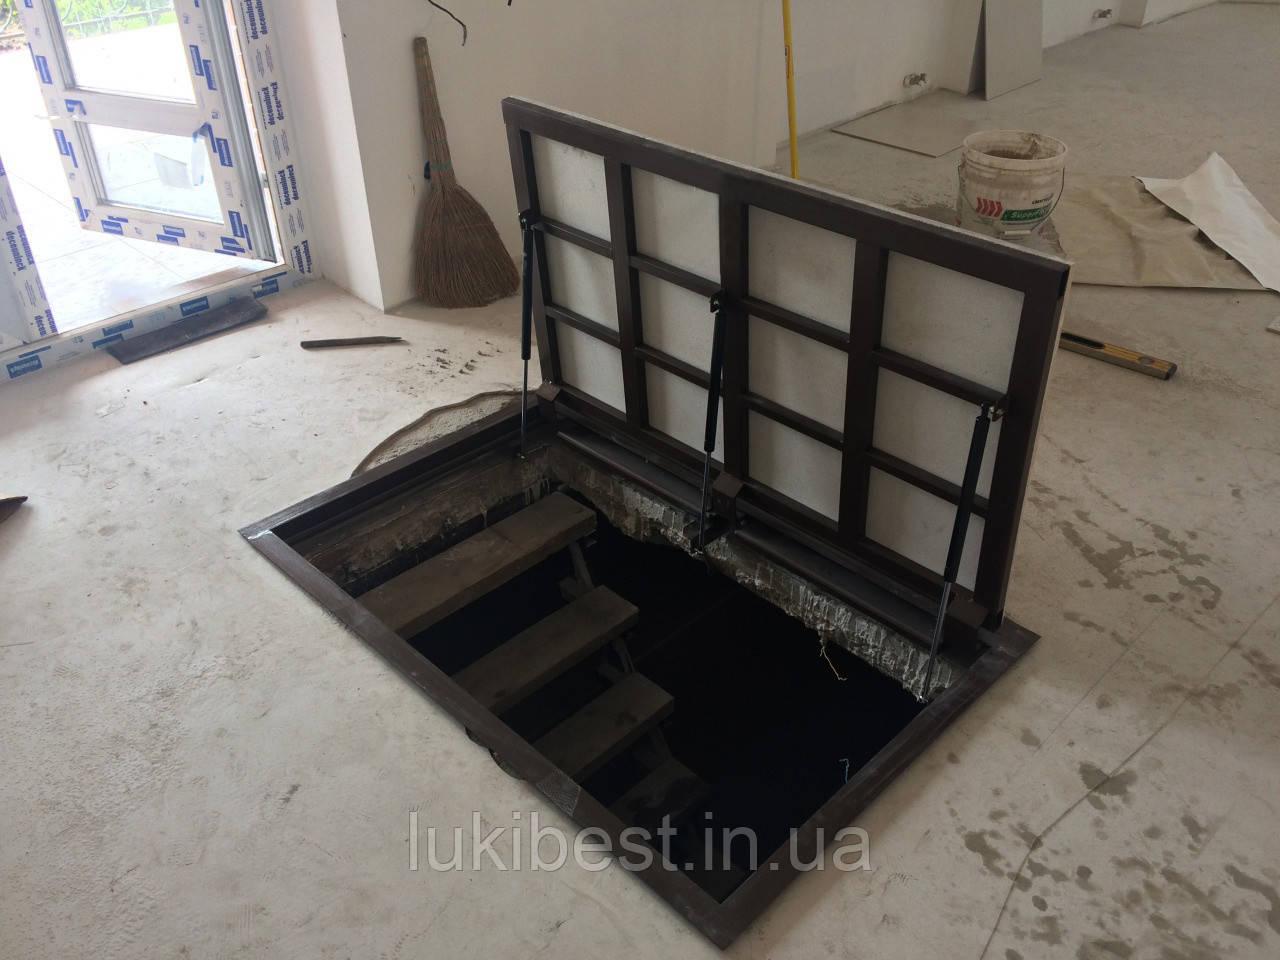 Напольный люк под паркет 800*700 мм Вest Lift  / люк в погреб/ люк в подвал